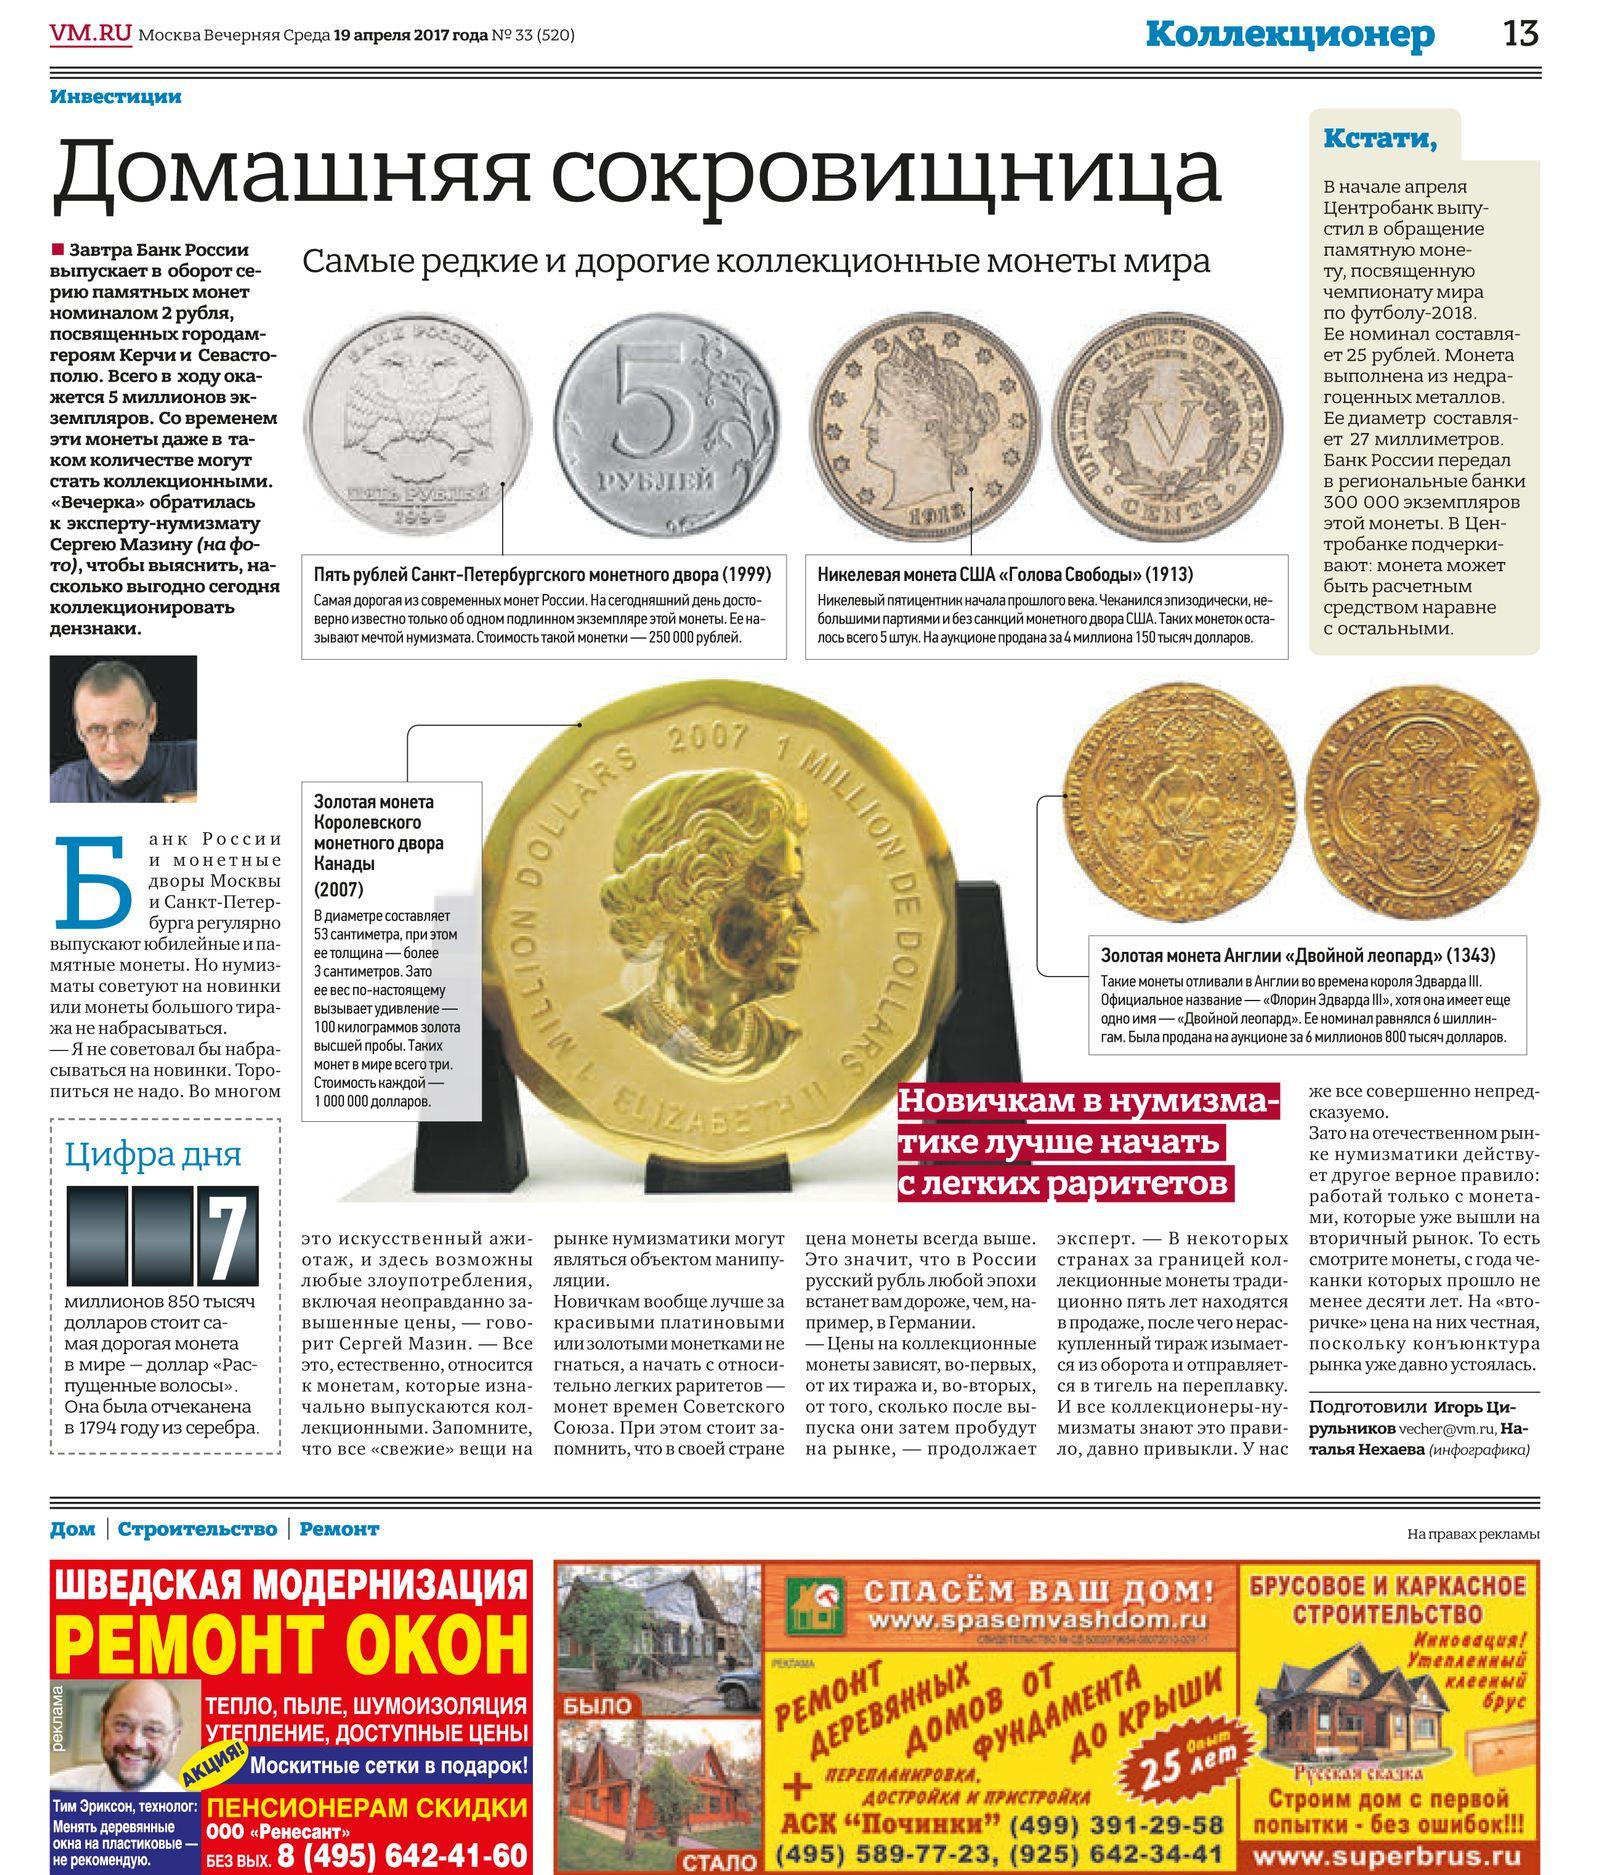 EINMALIGE VERWENDUNG Wetschernjaja Moskwa / Werbung Martin Schulz